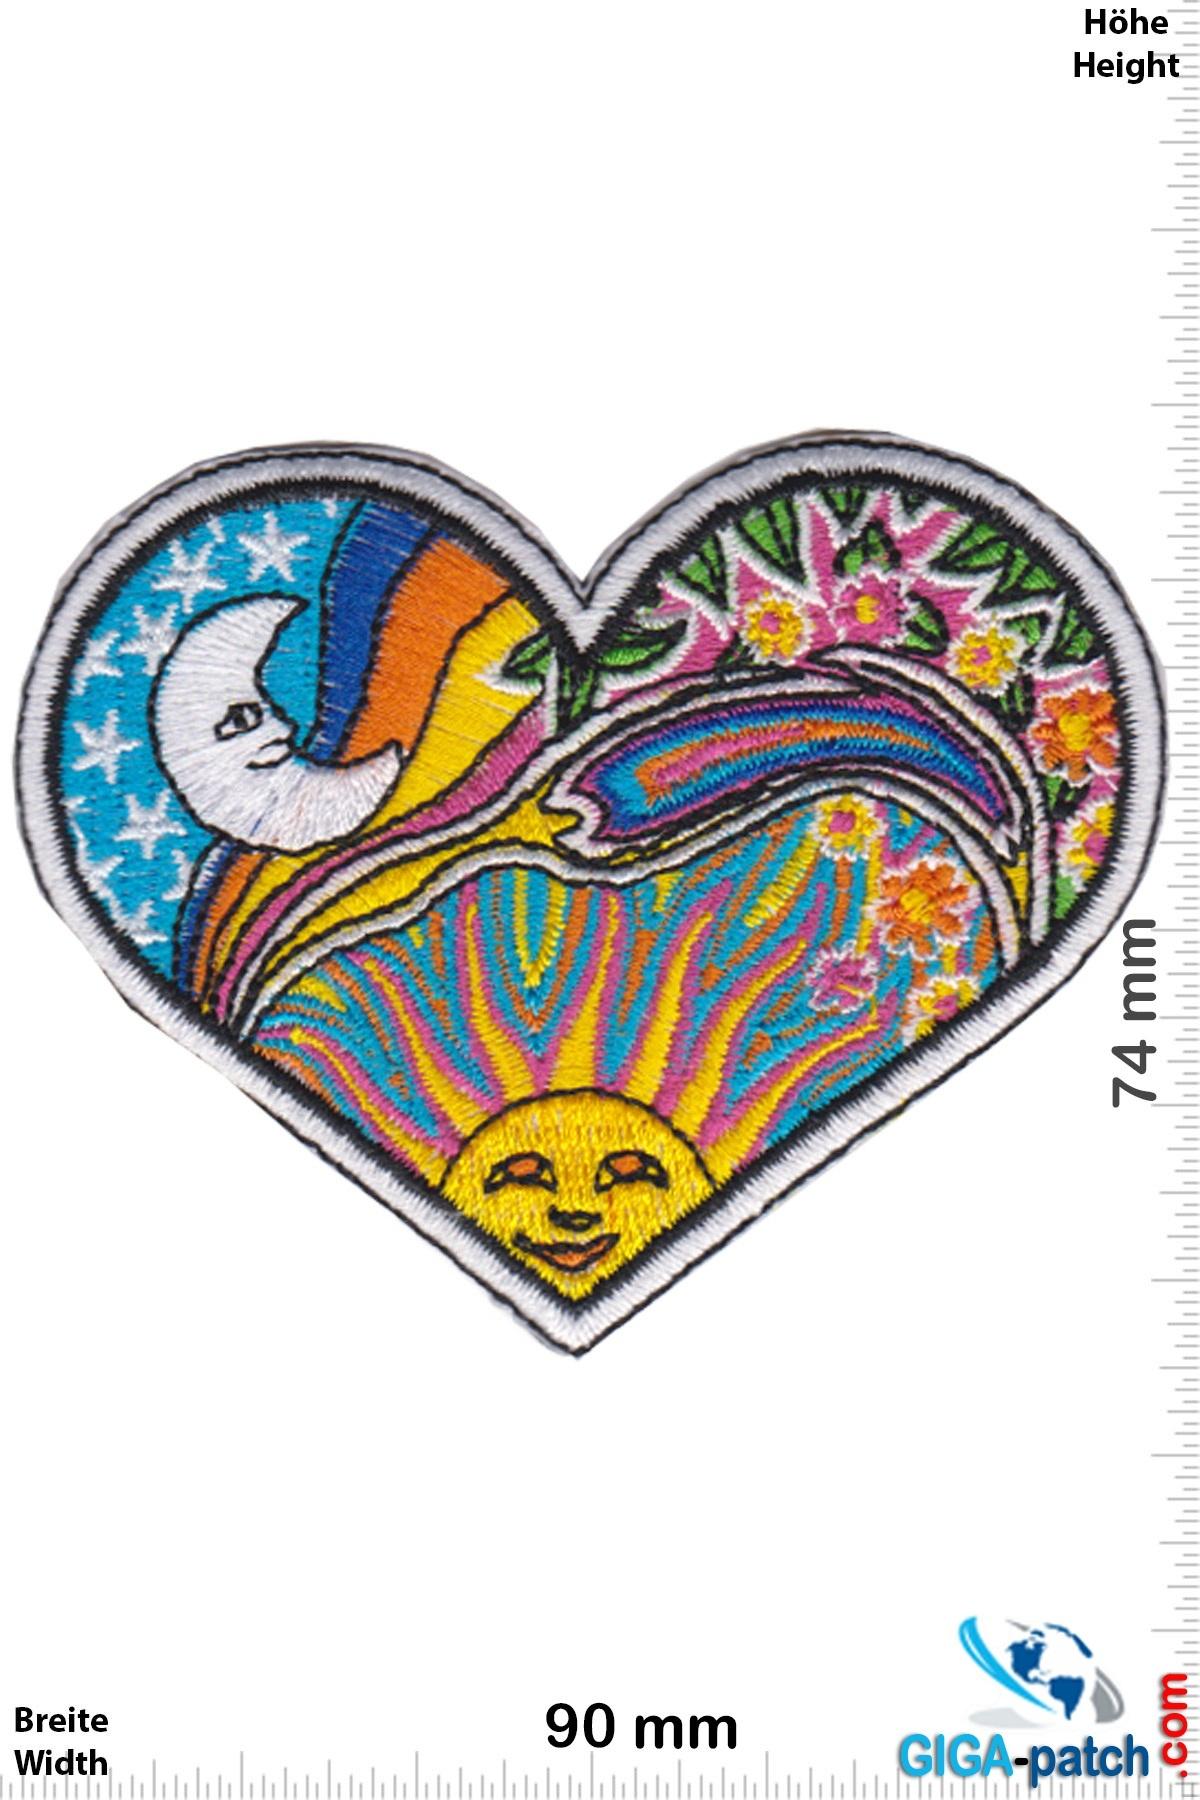 Love Love - heart - sun - moon